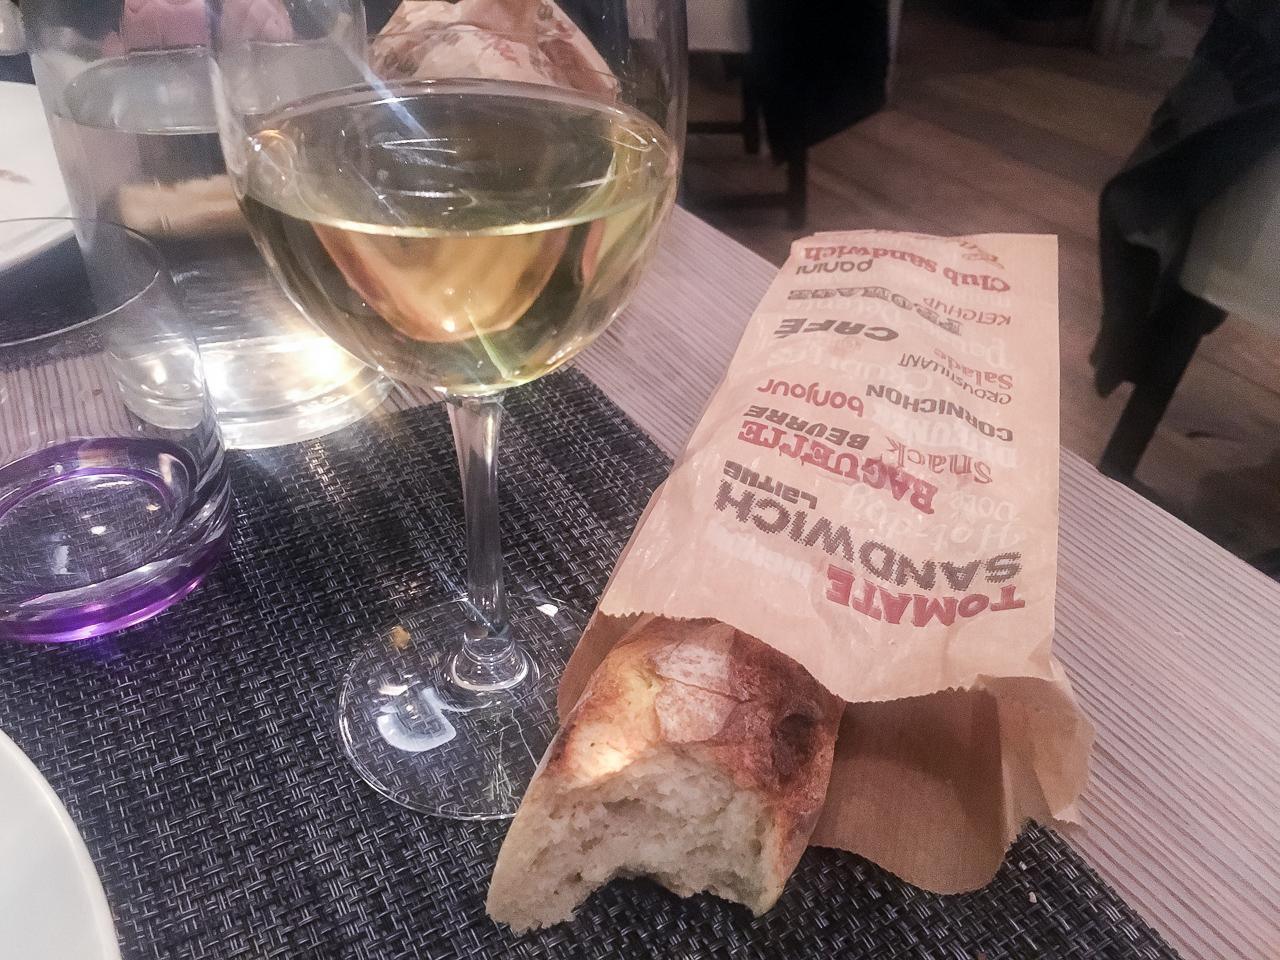 Ravintolasuositus Pariisi l'envie du jour patonki